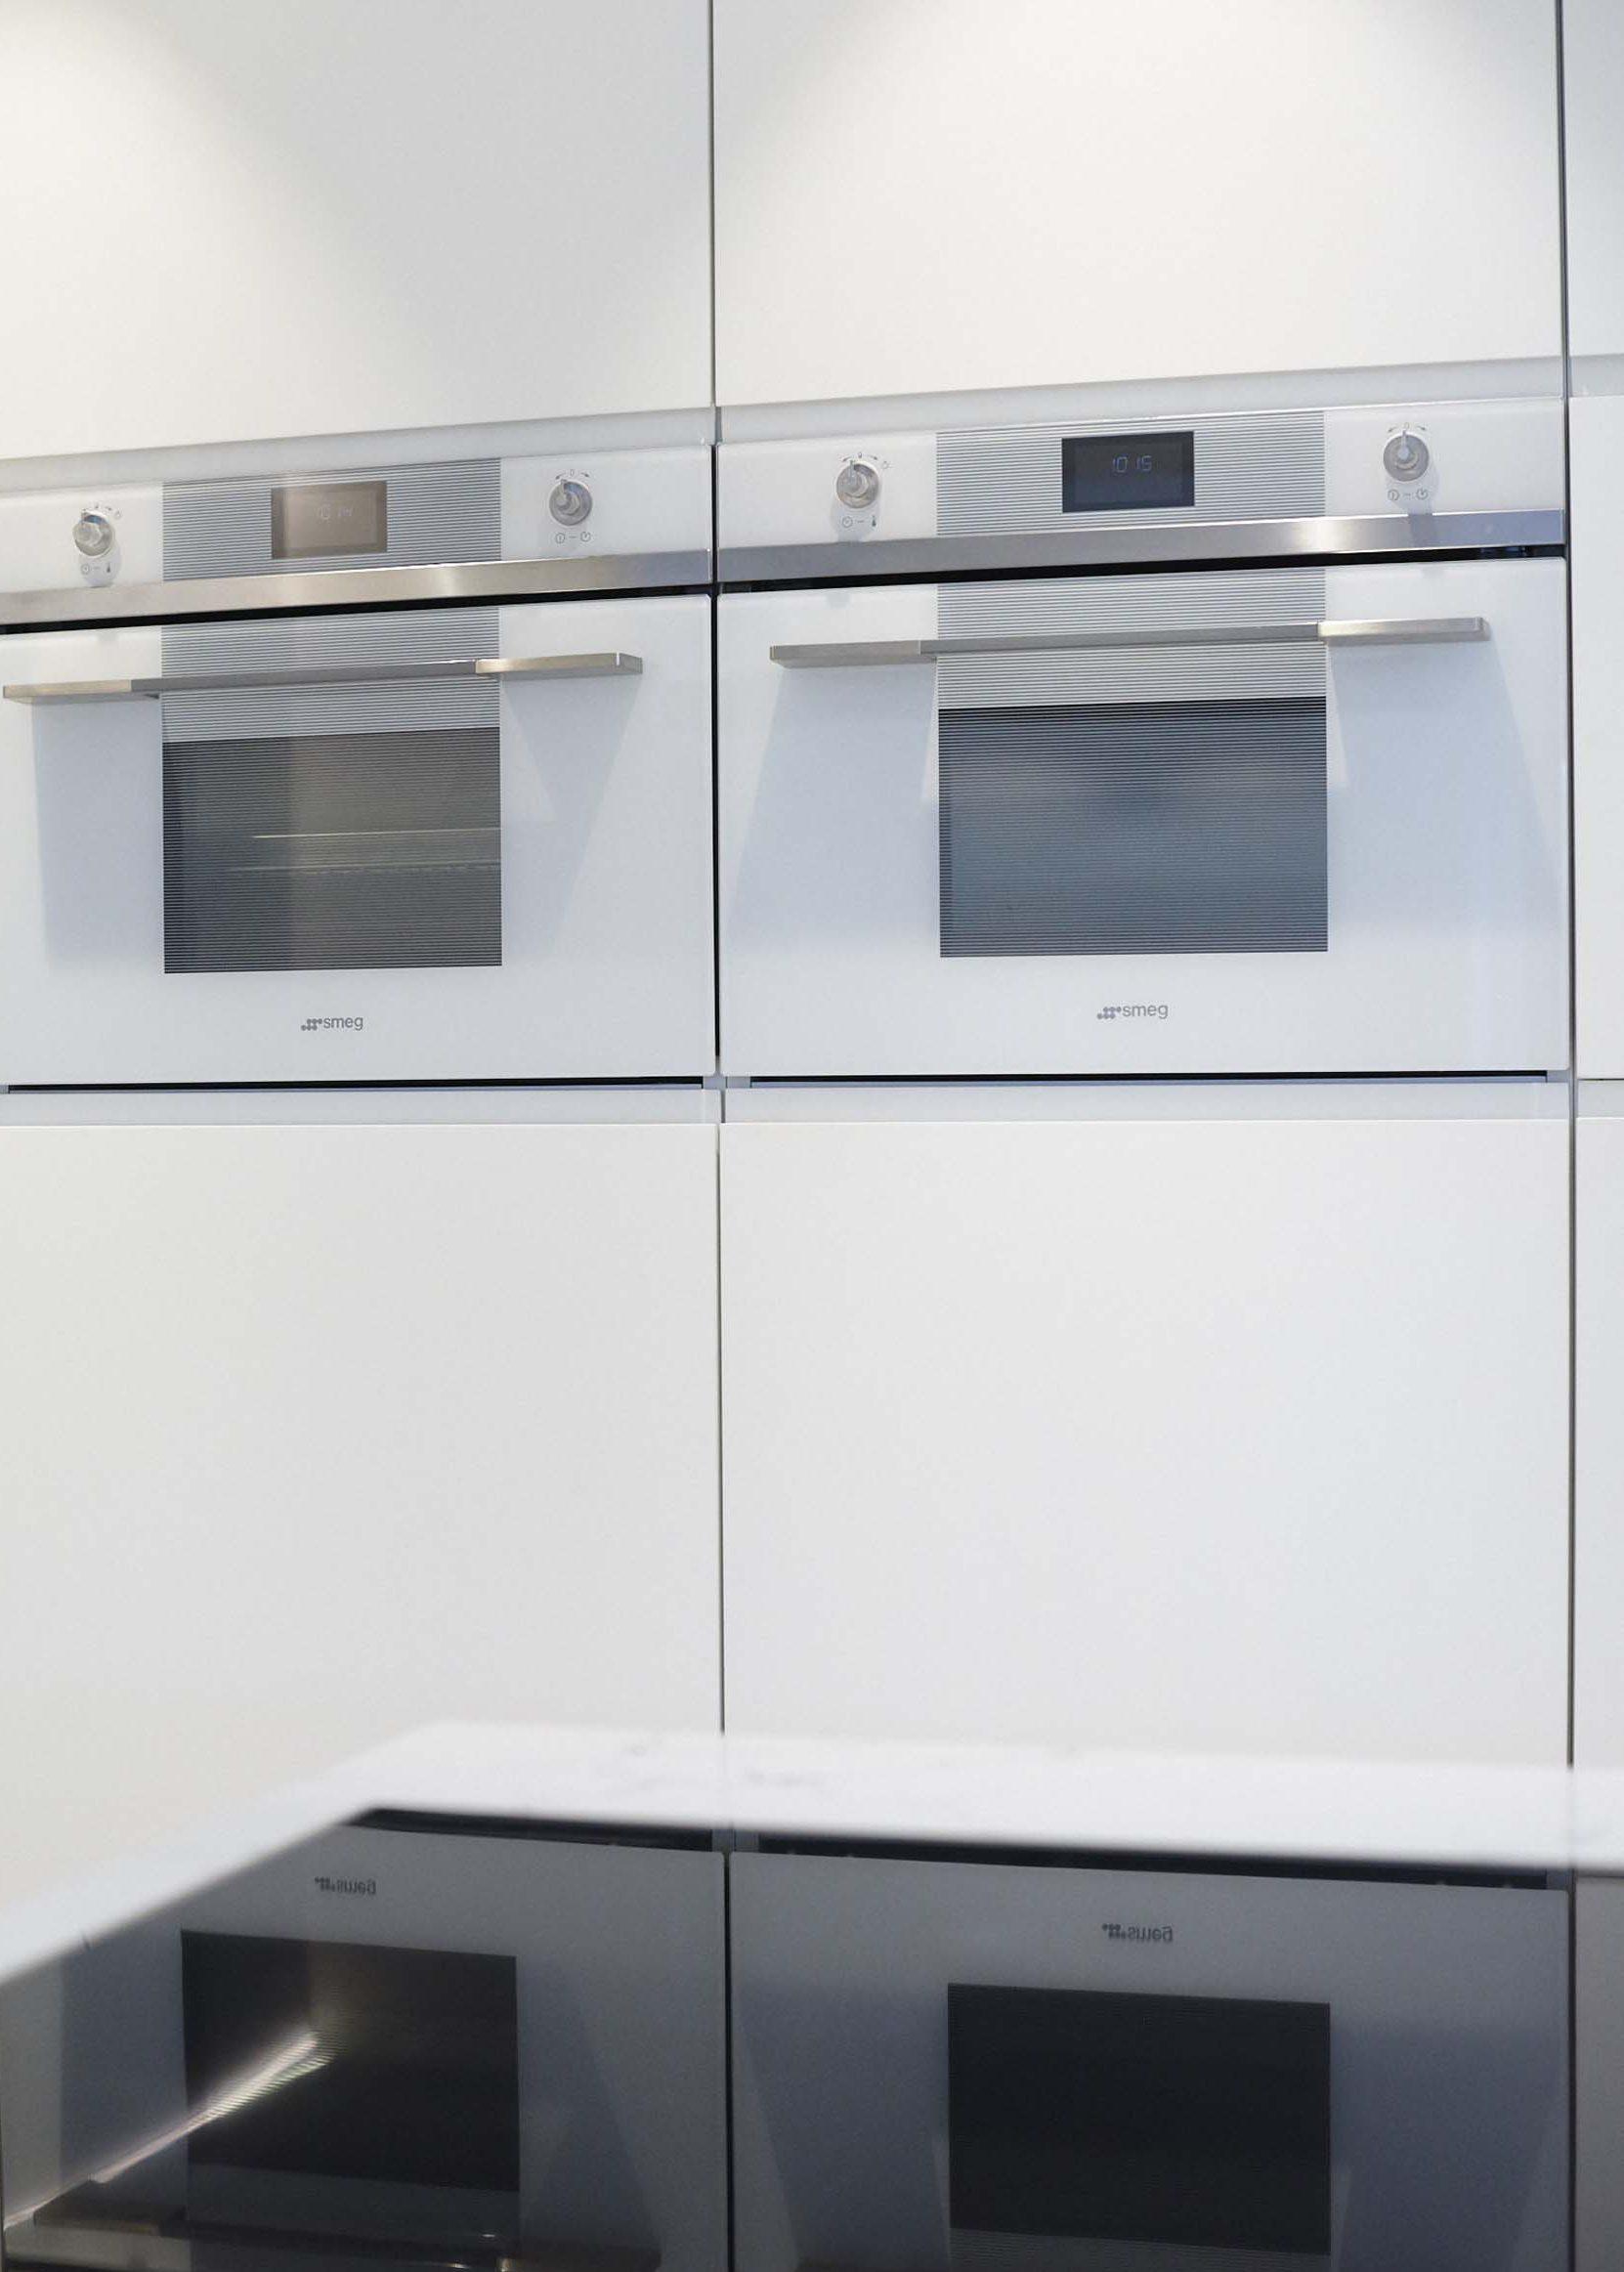 Vanda-projects-interieurinrichting-meubelmakerij-oost-vlaanderen-verstraete-tielt-ovens